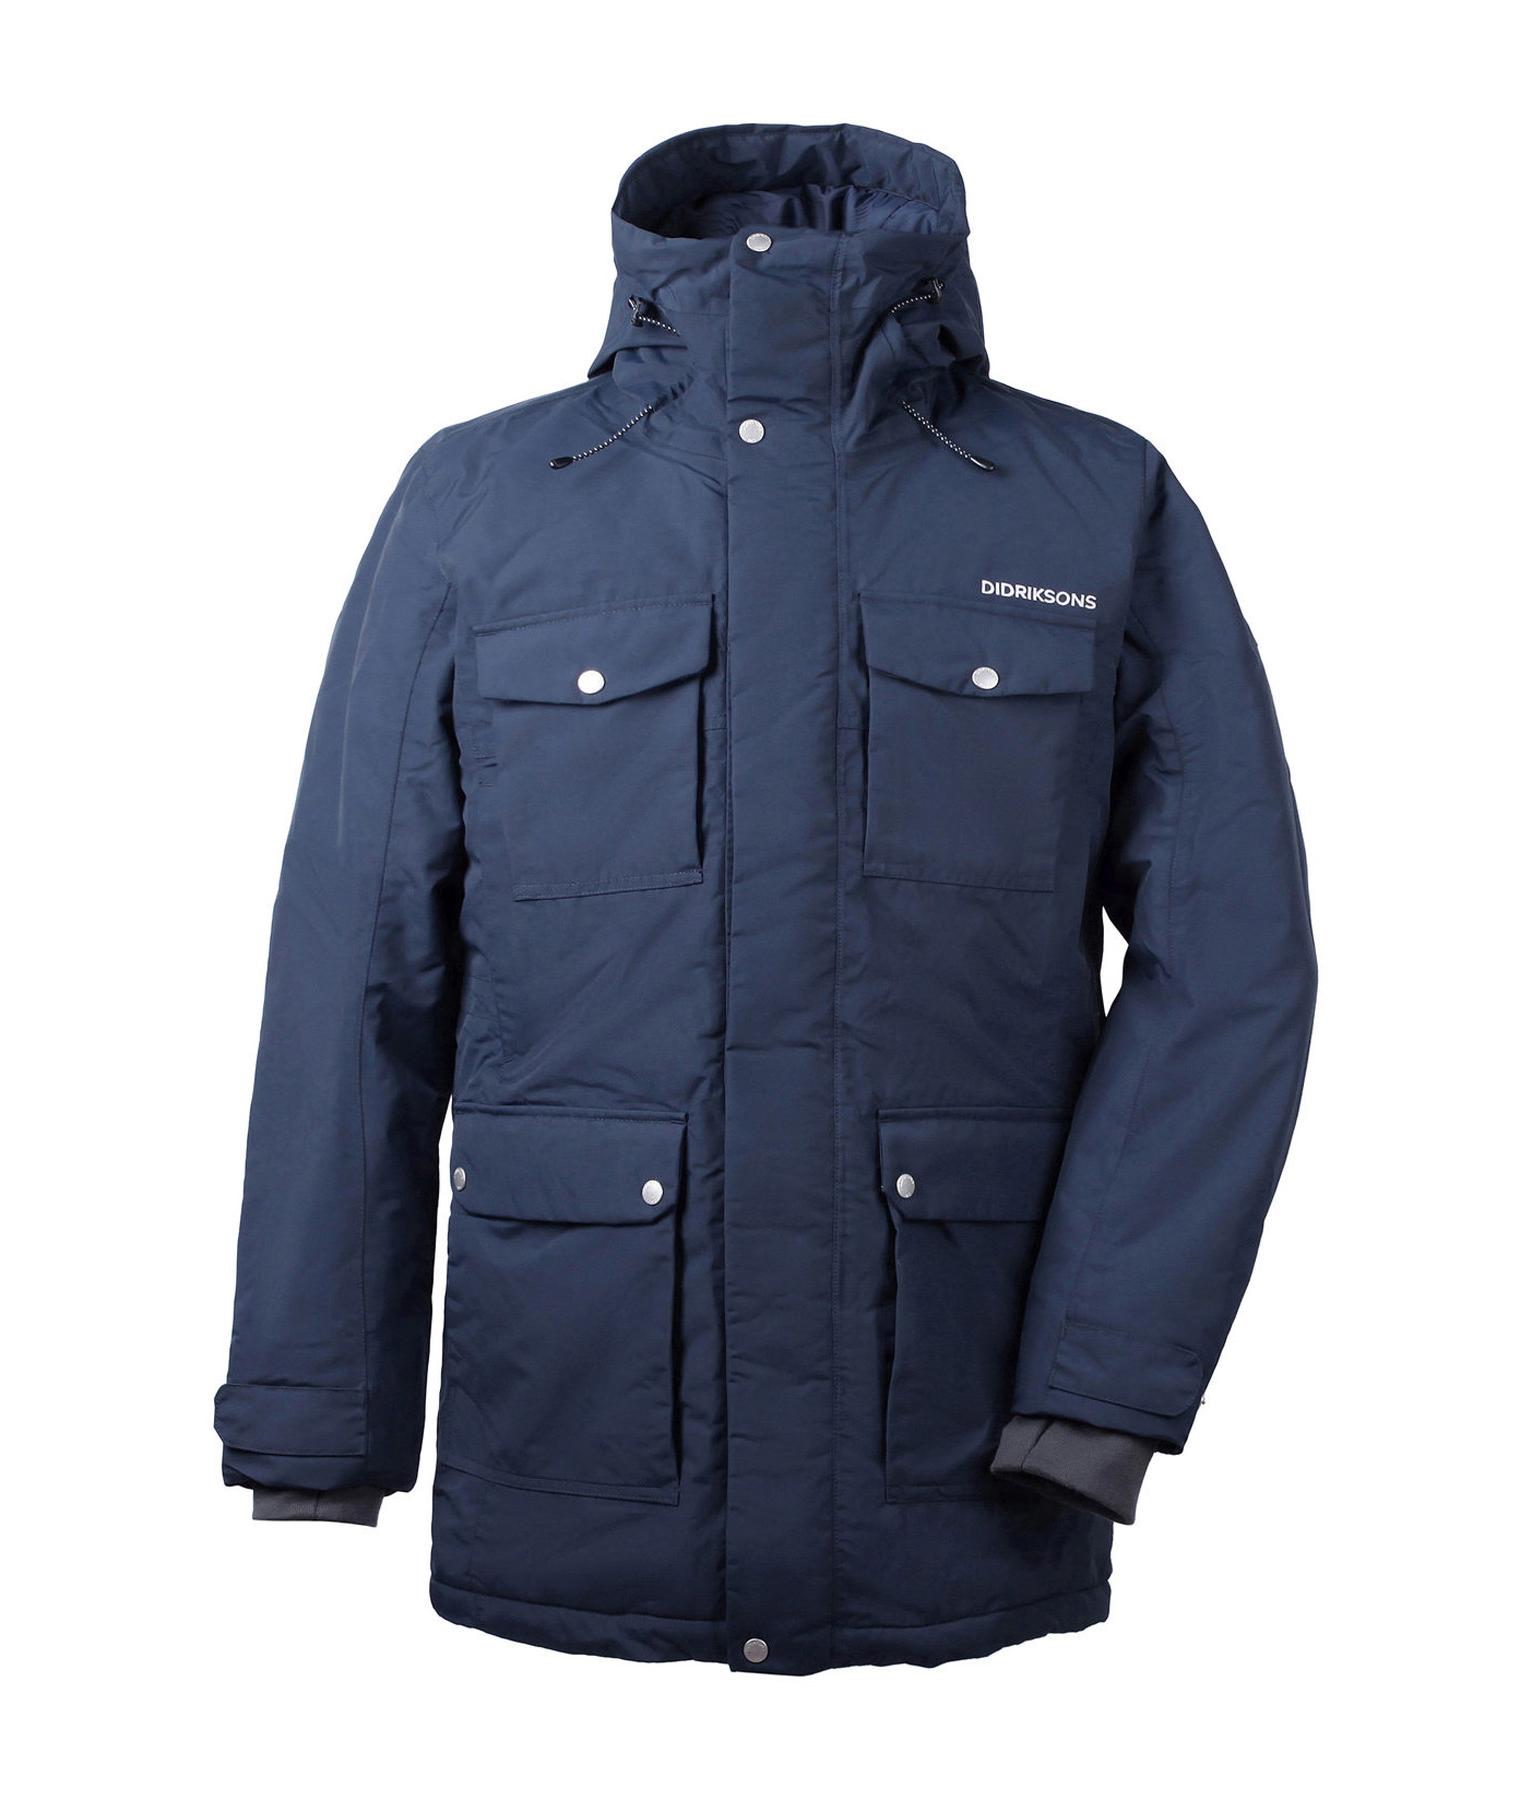 Куртка мужская DREW Didriksons — фото 11